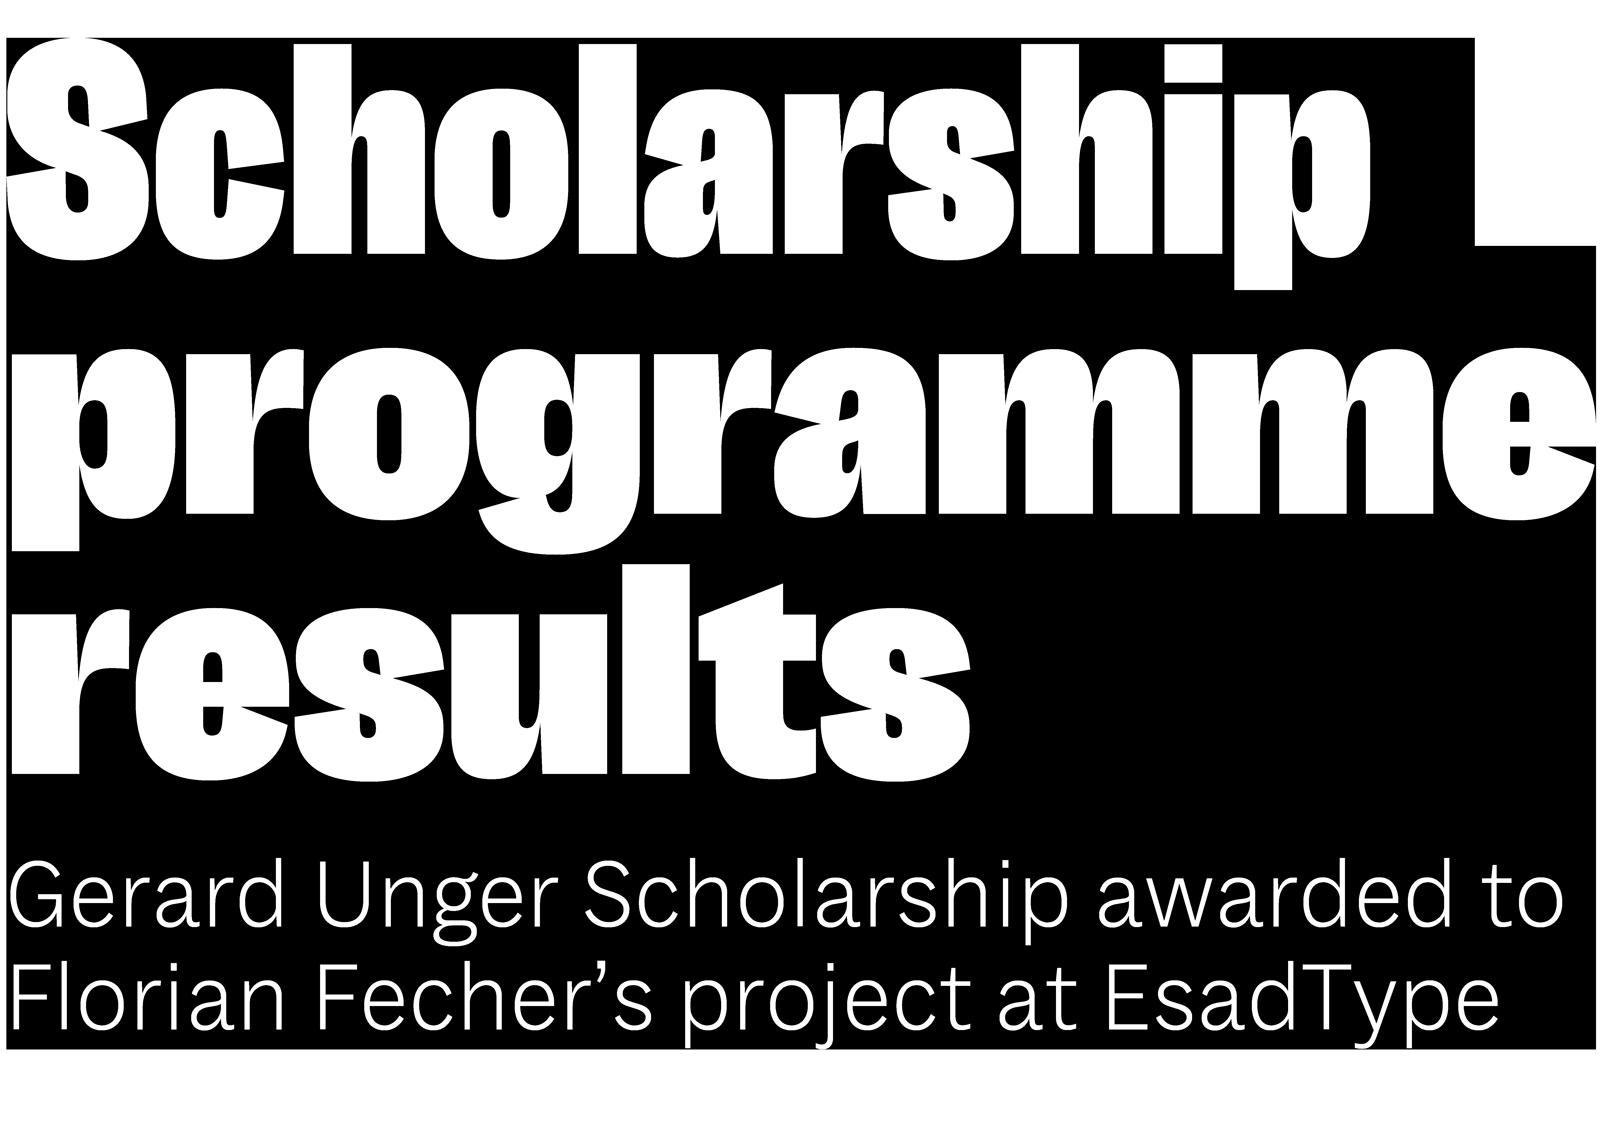 Gerard Unger Scholarship Recipient